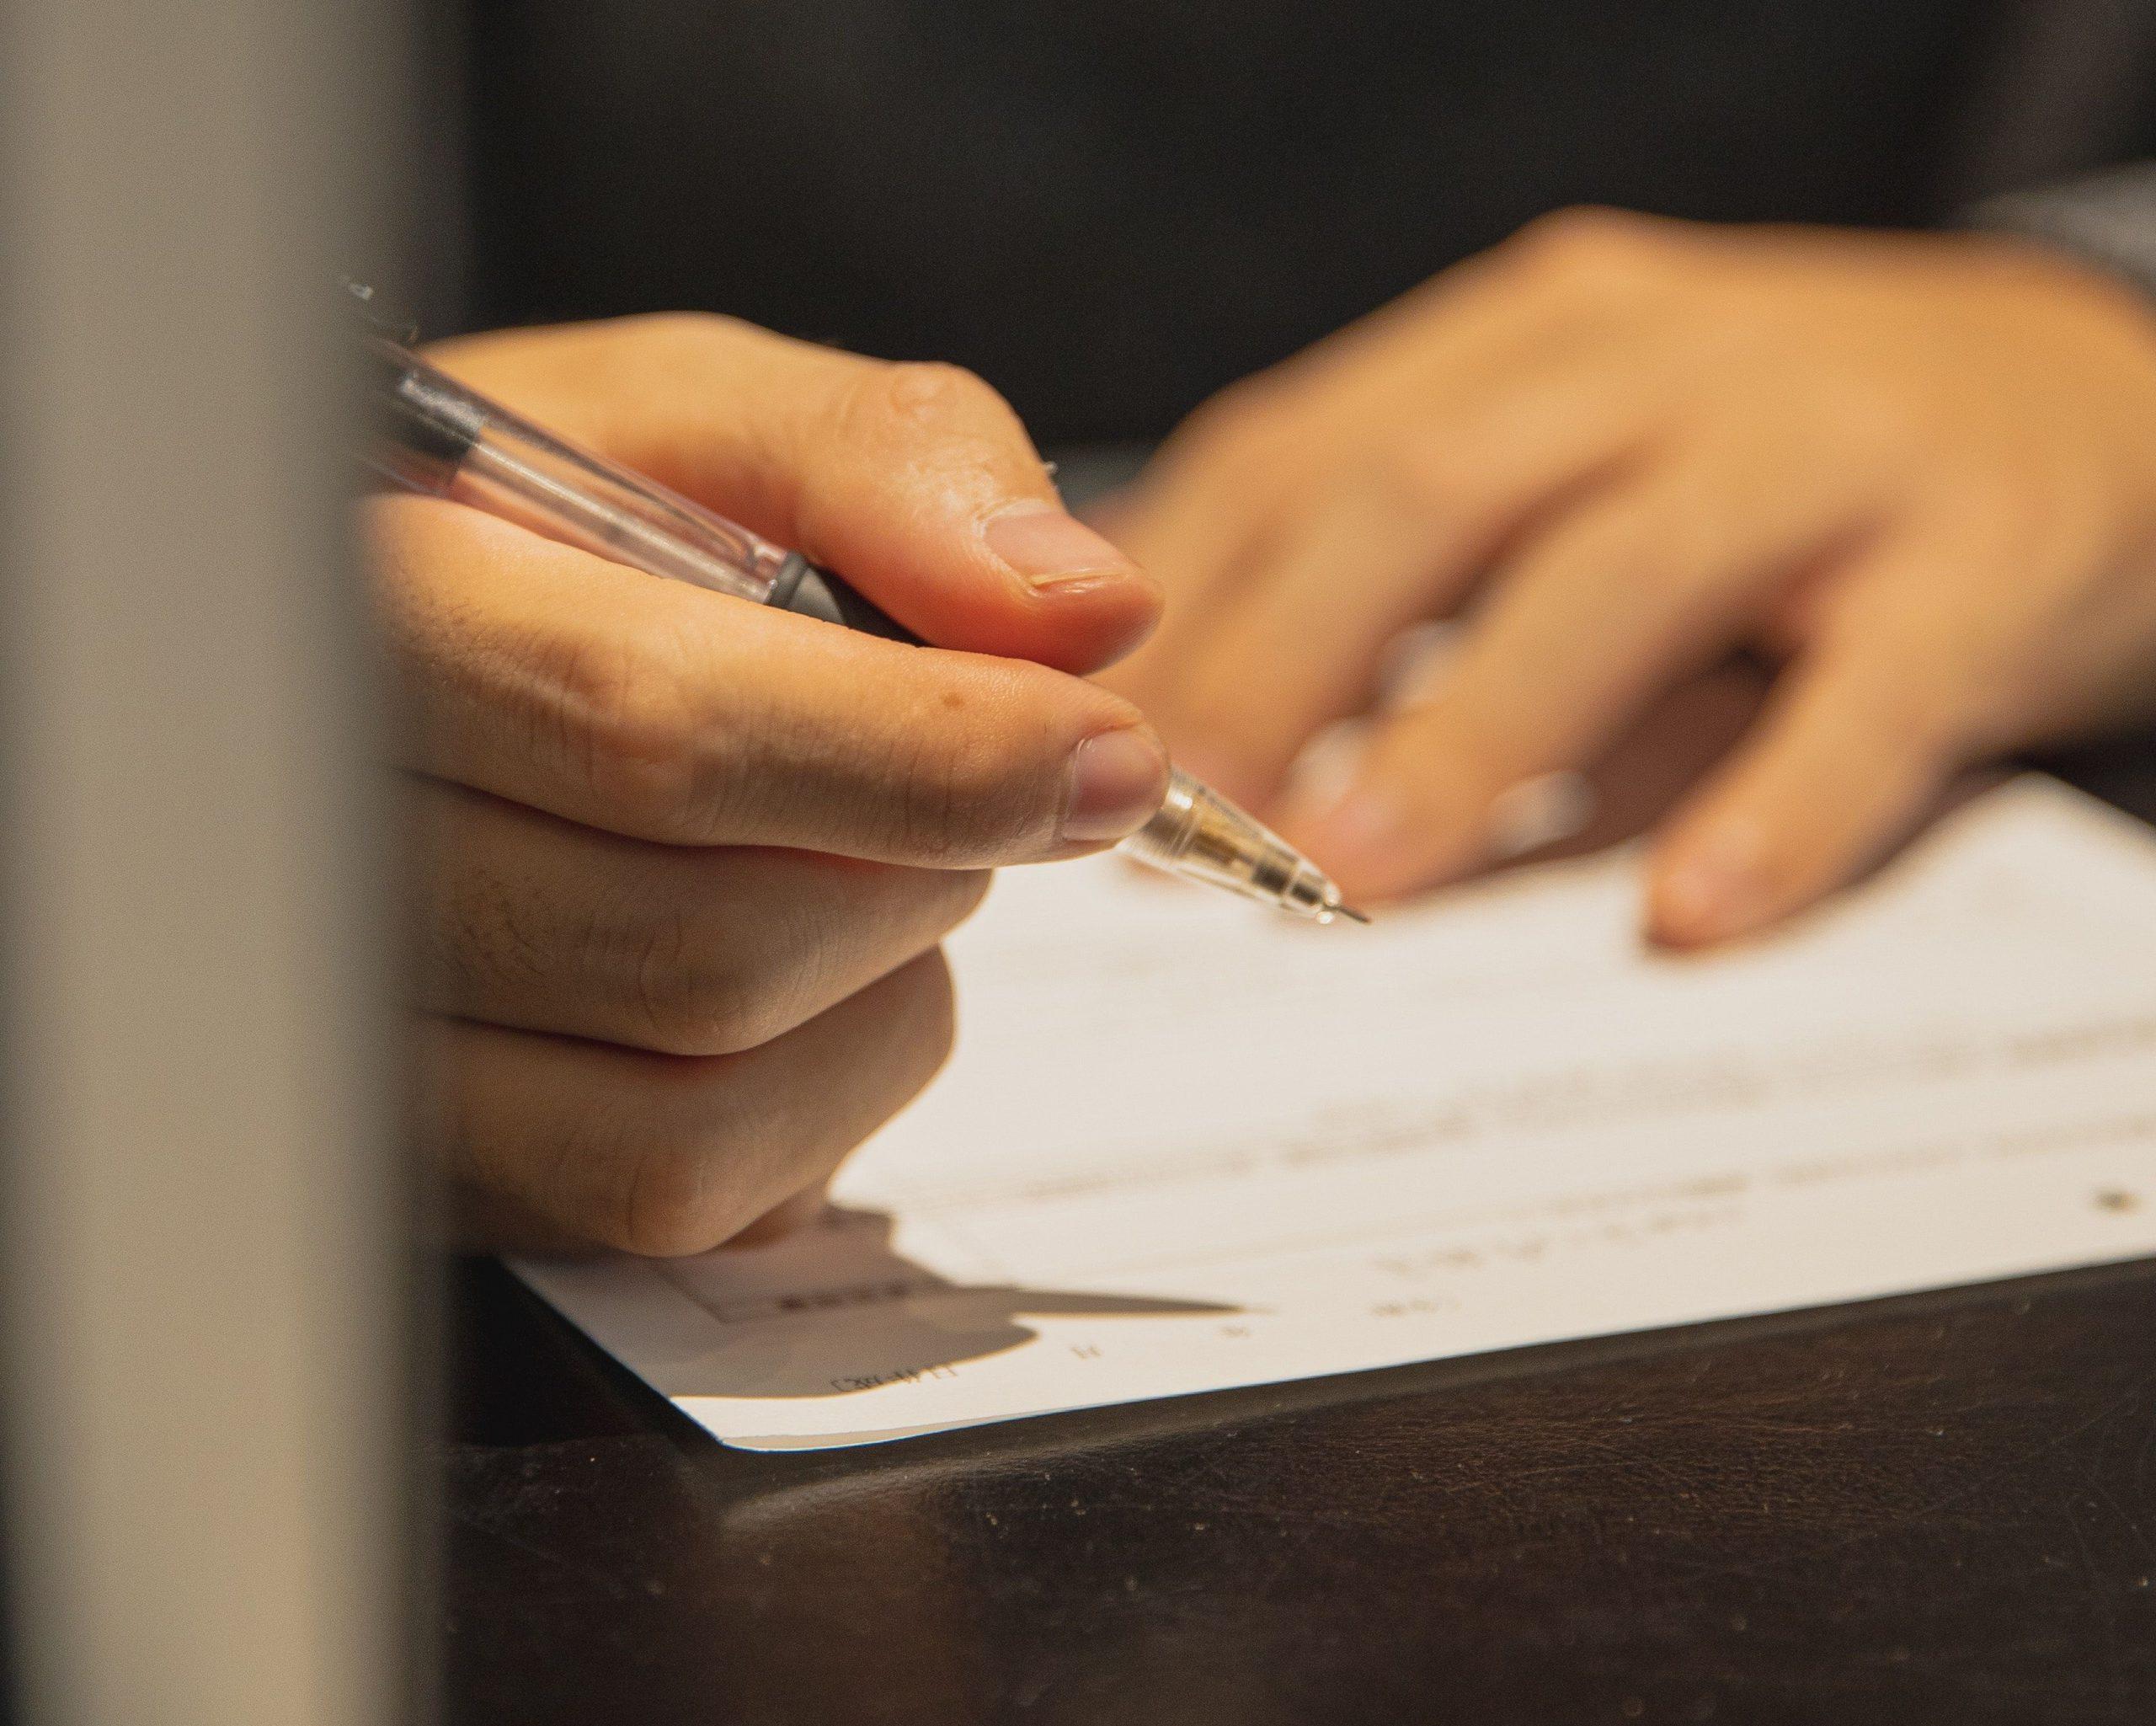 como fazer assinatura digital grátis no Word